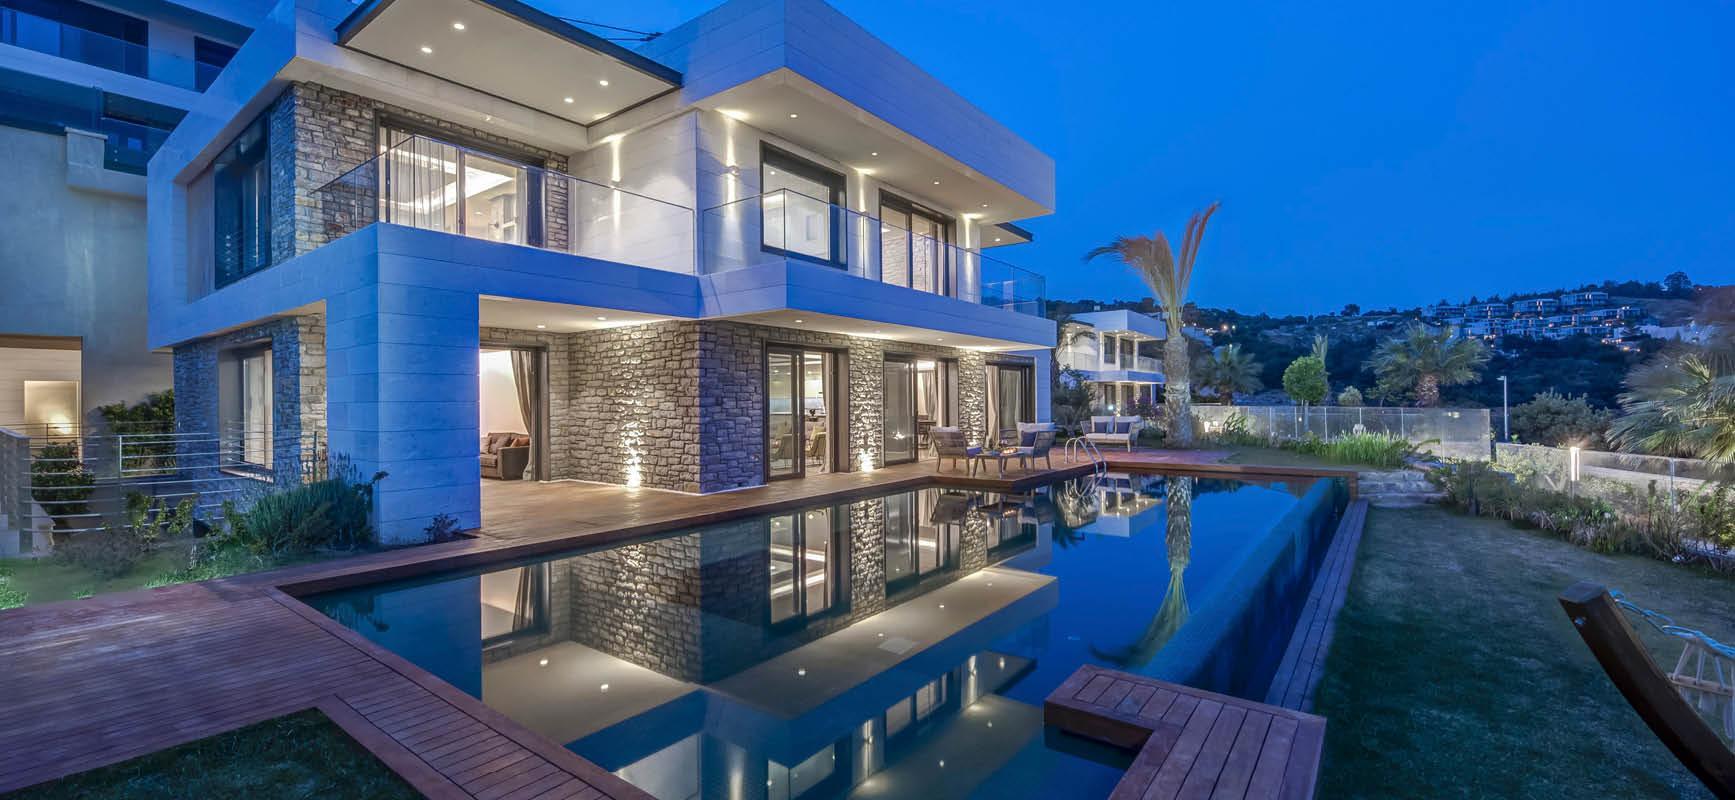 Покупка недвижимости в Турции: что должен знать инвестор